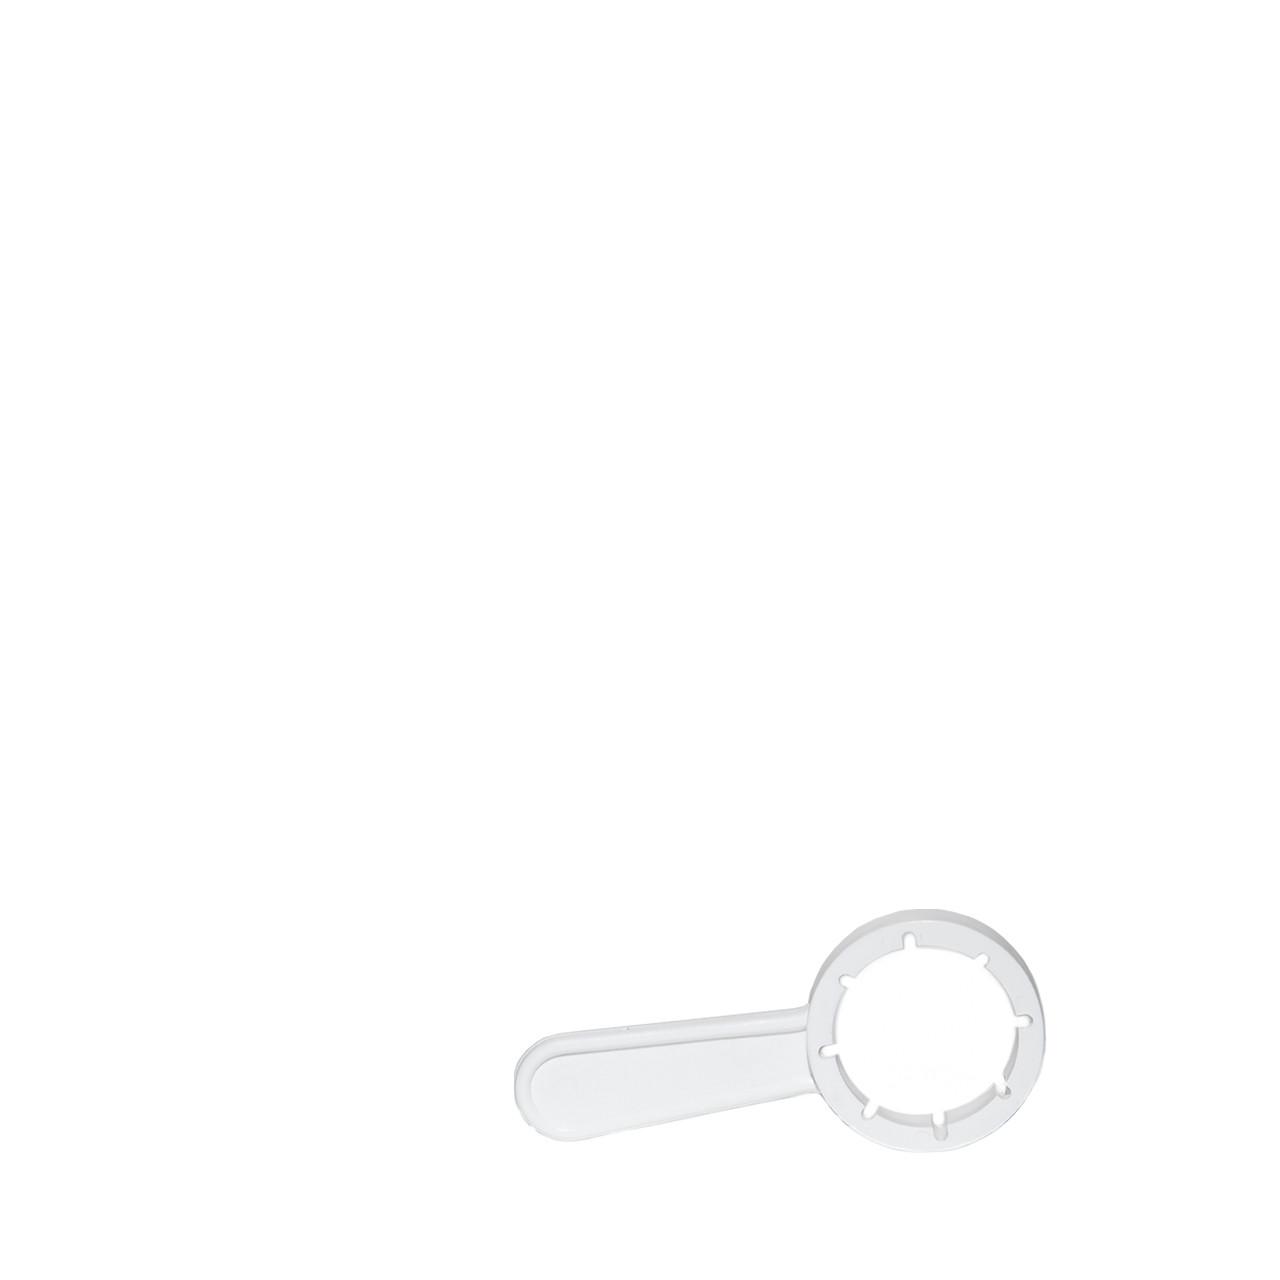 Ключ для каністр 2л та 5л , BODE